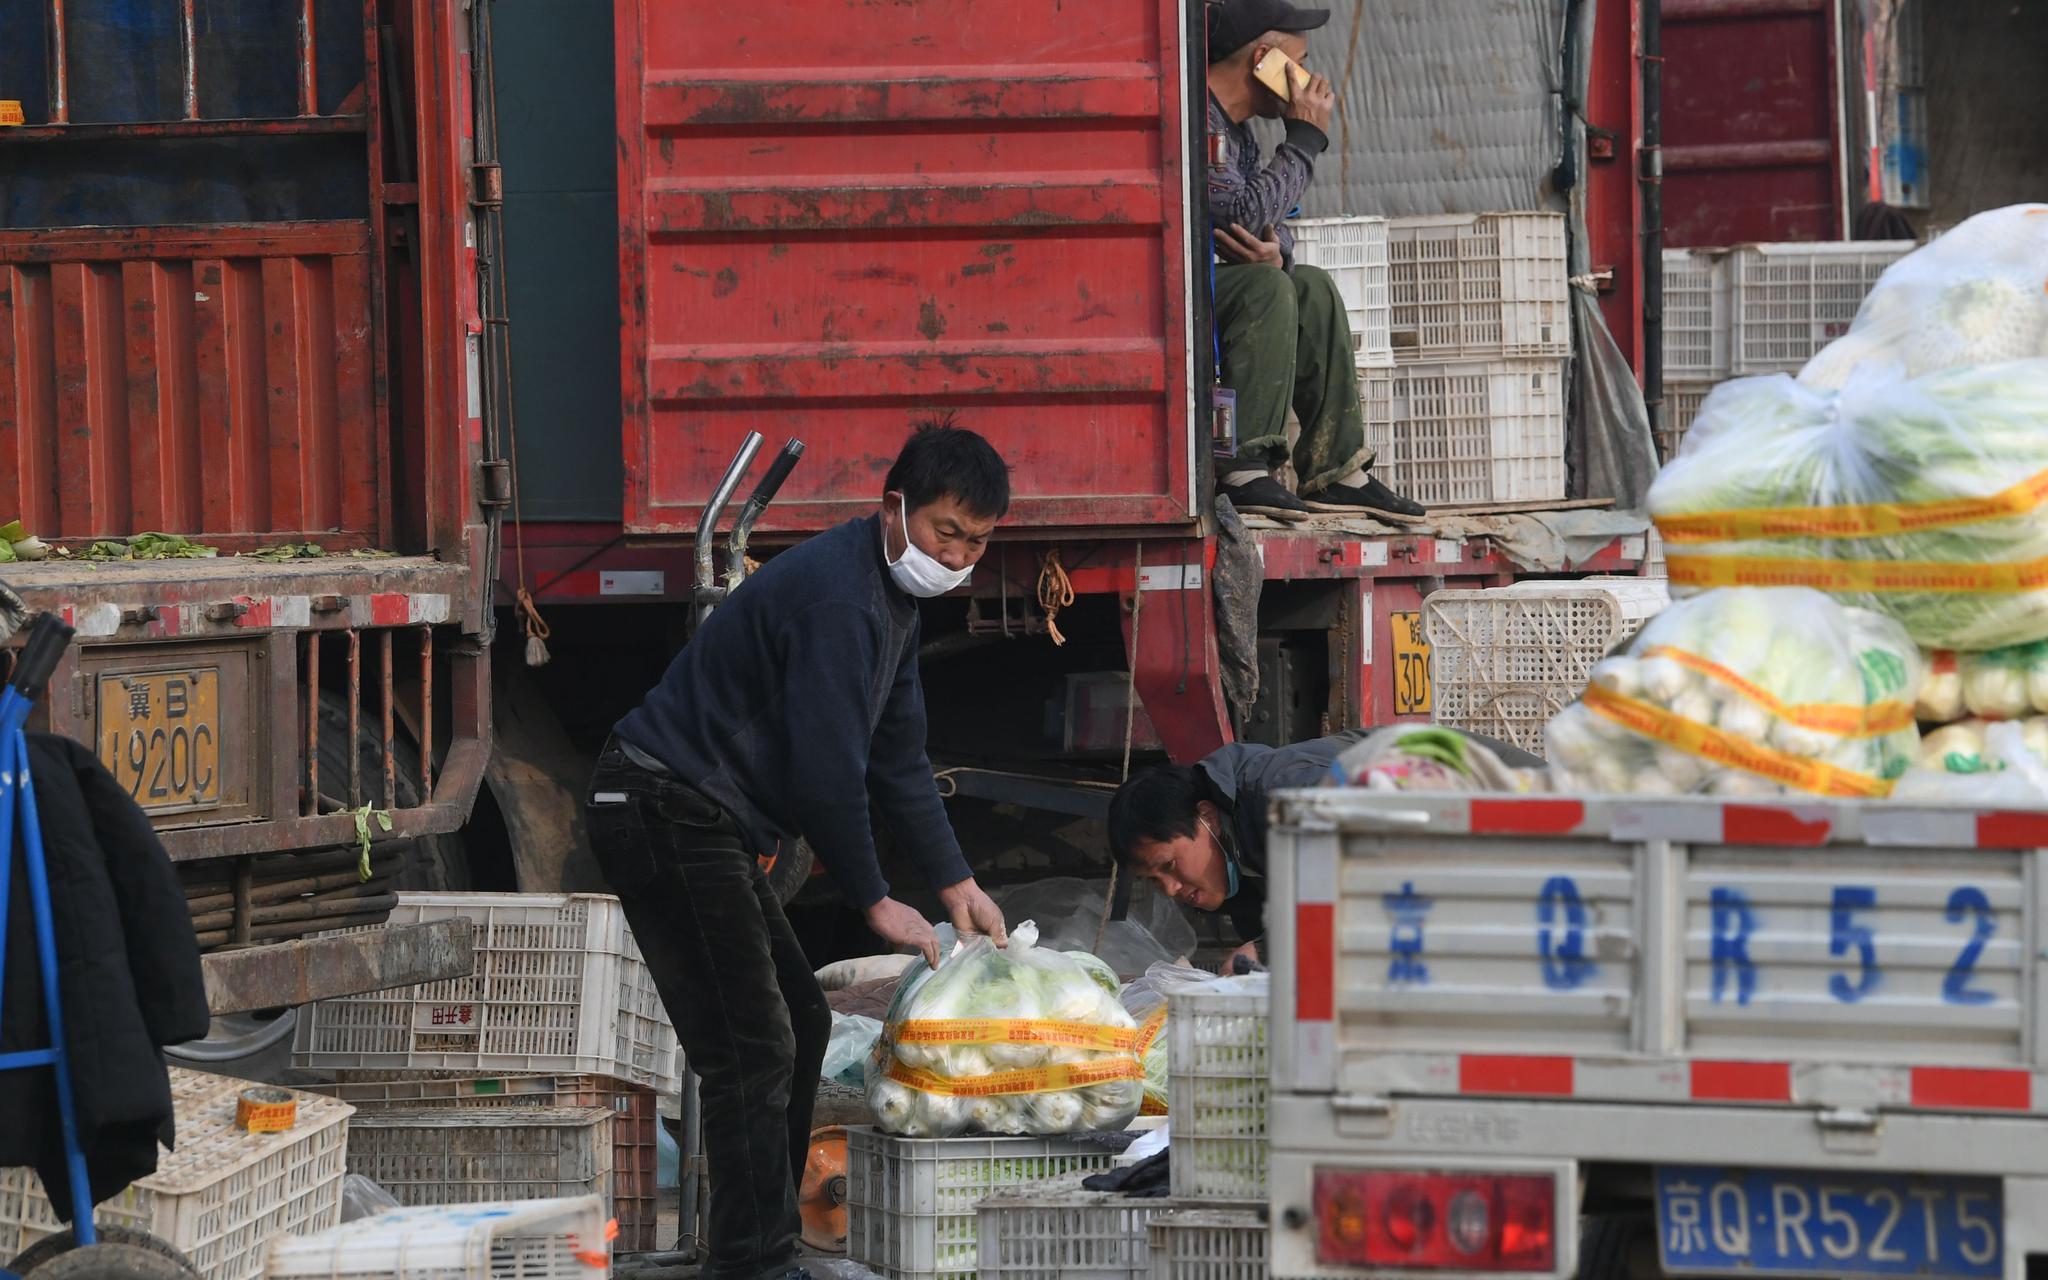 杏悦娱乐:北京杏悦娱乐新发地的大王们图片